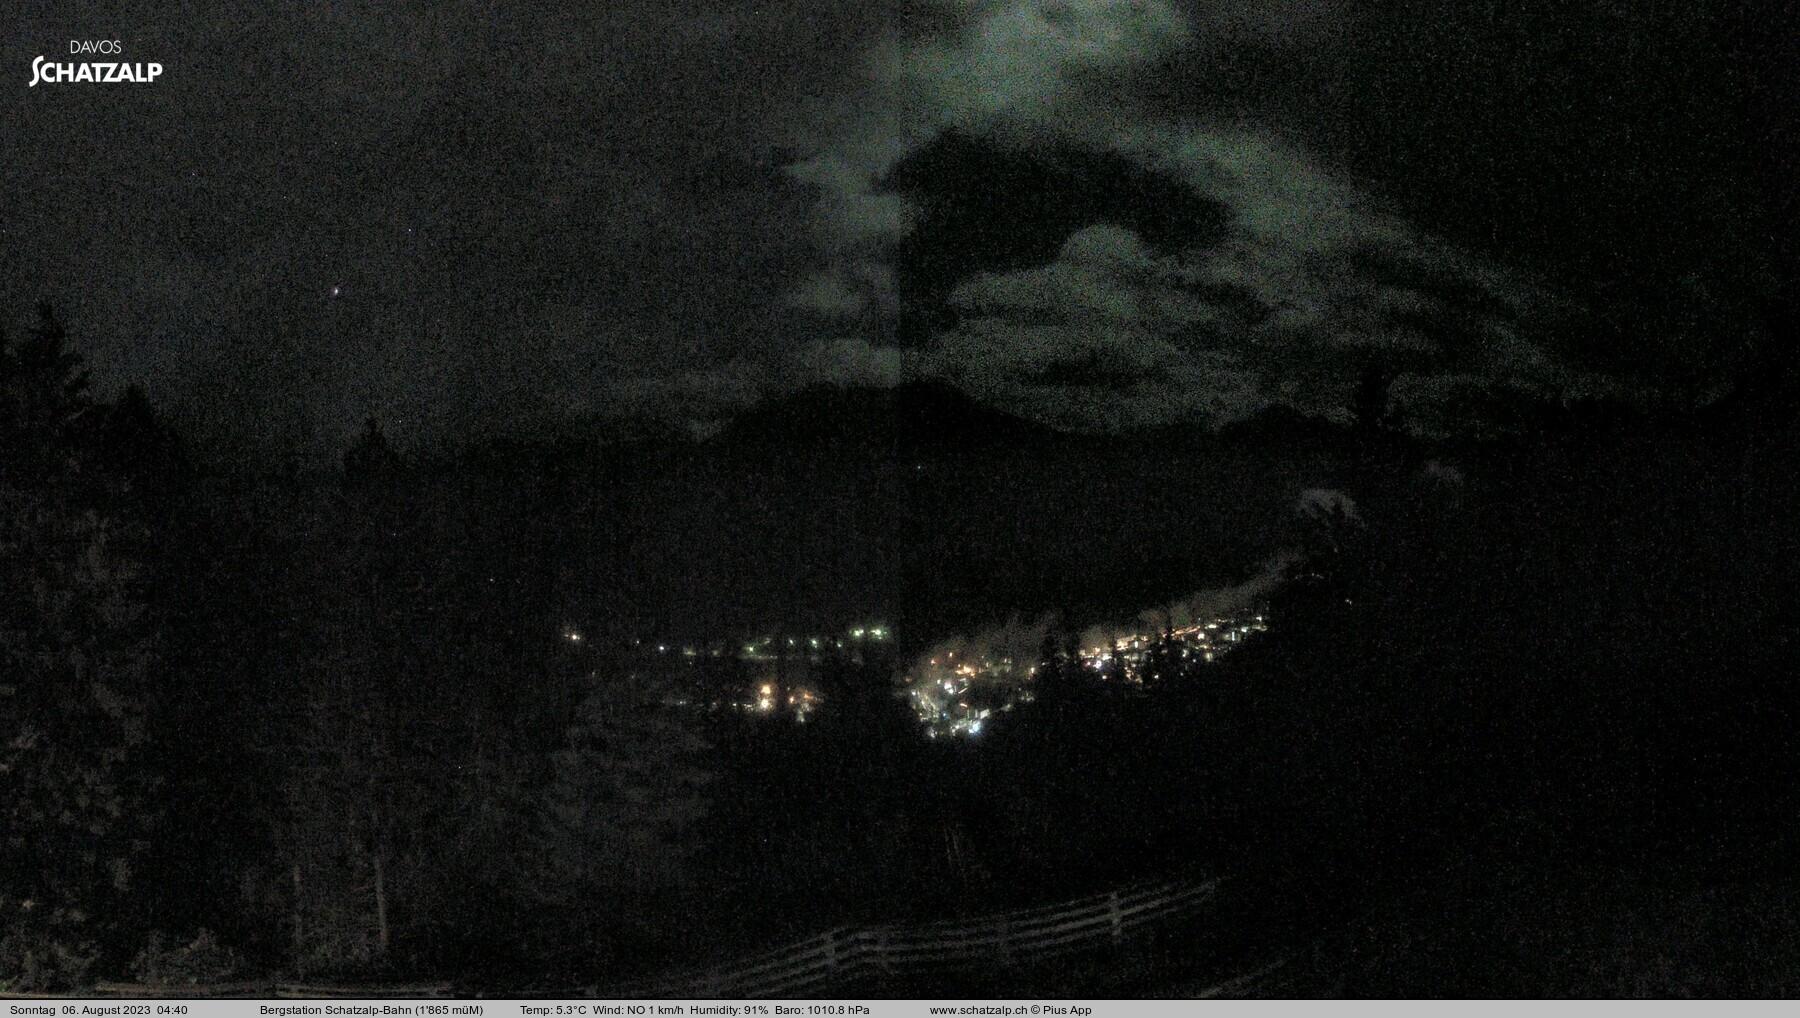 Davos - Schatzalpbahn Bergstation